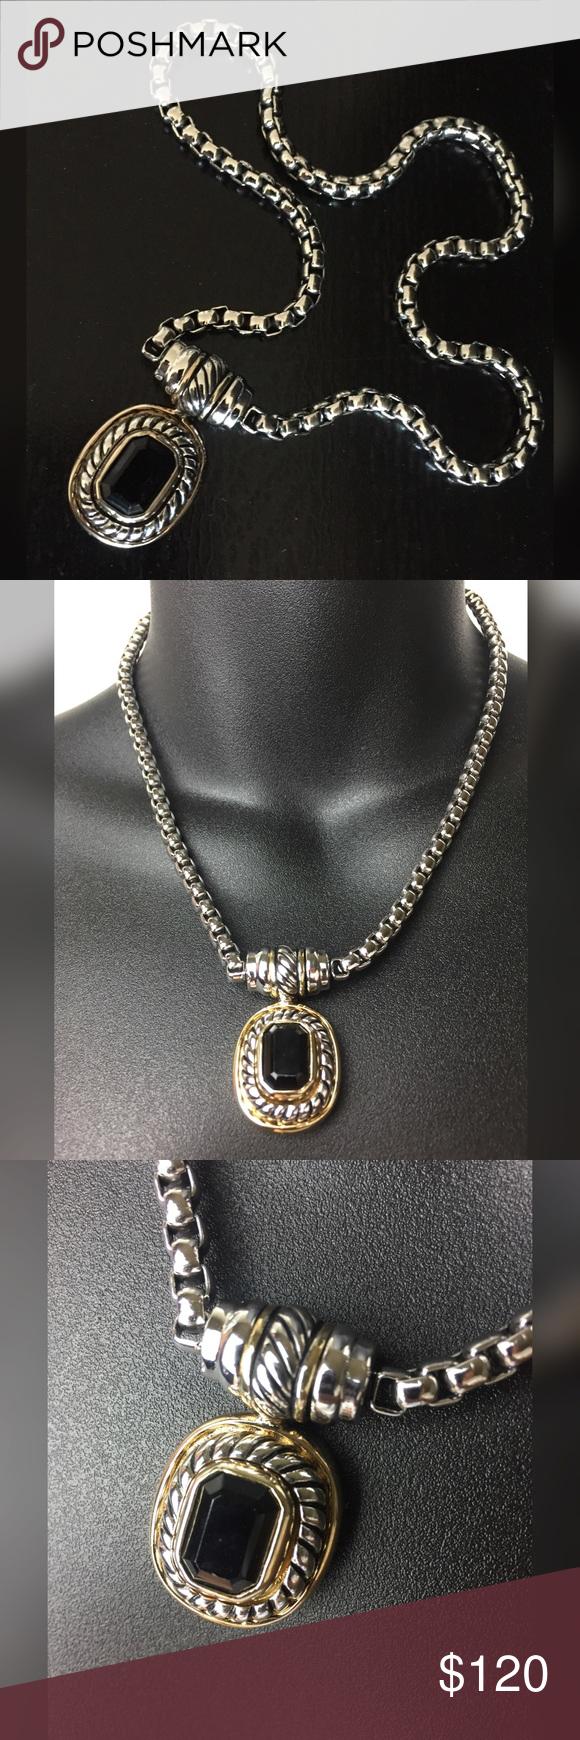 Best Vintage Estate Silver Black Onyx Pendant Necklace 400 x 300